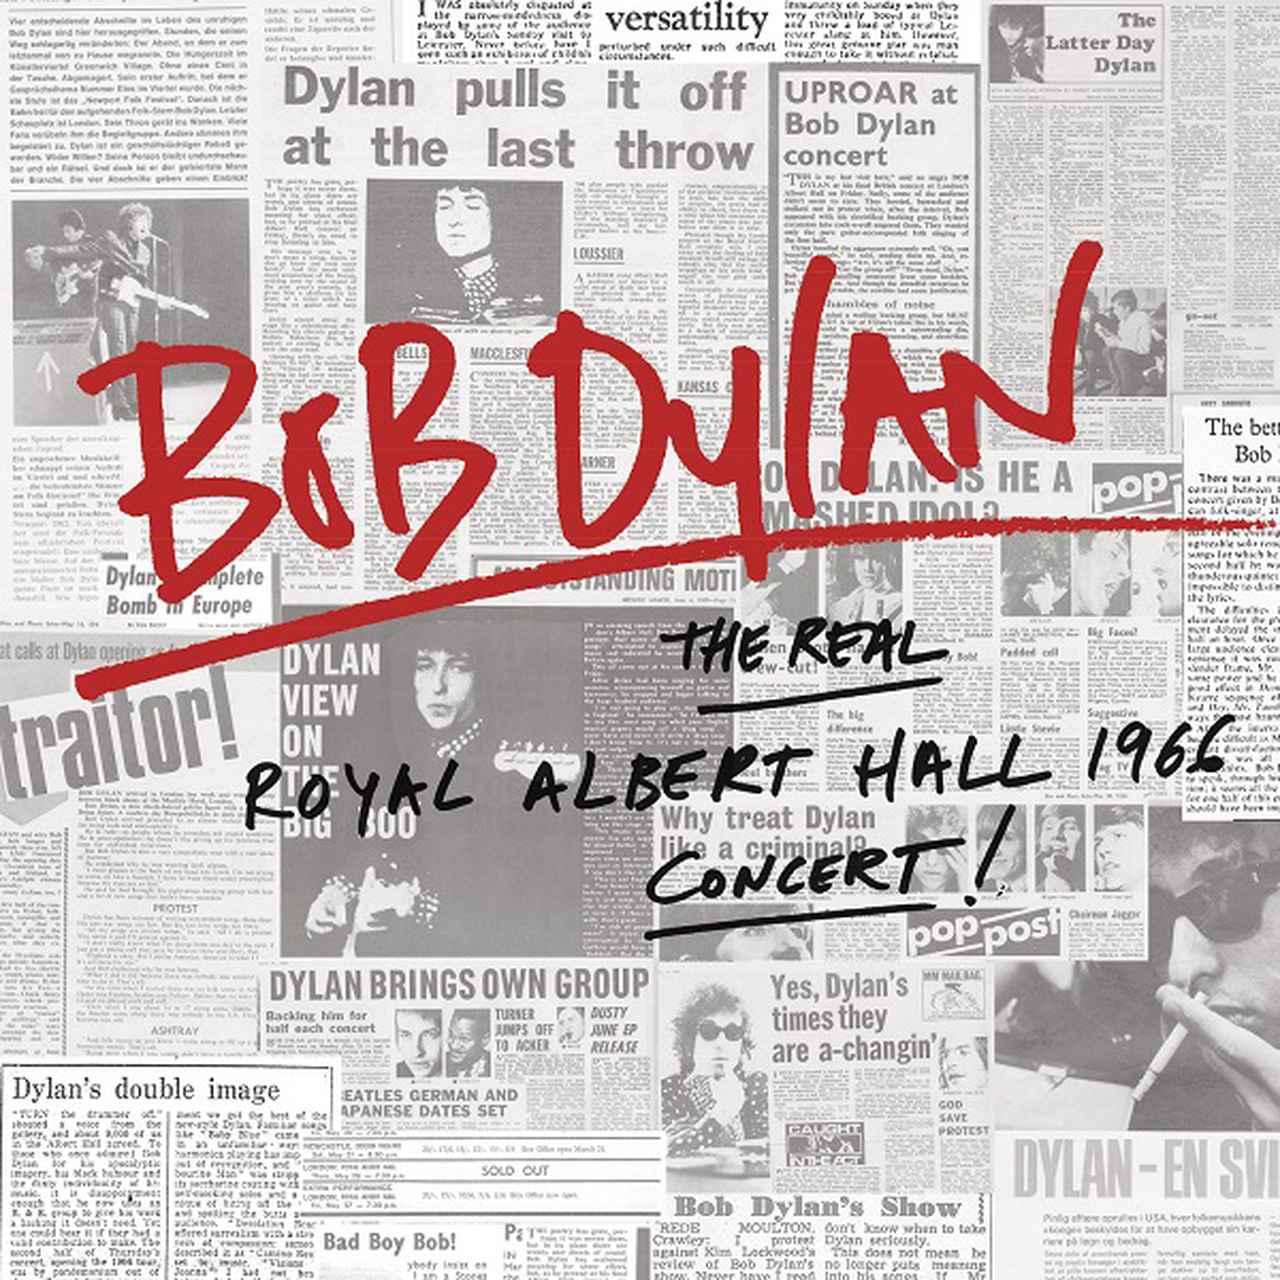 画像: ぐうの音も出ない、名盤確実 「リアル・ロイヤル・アルバートホール」ボブ・ディラン